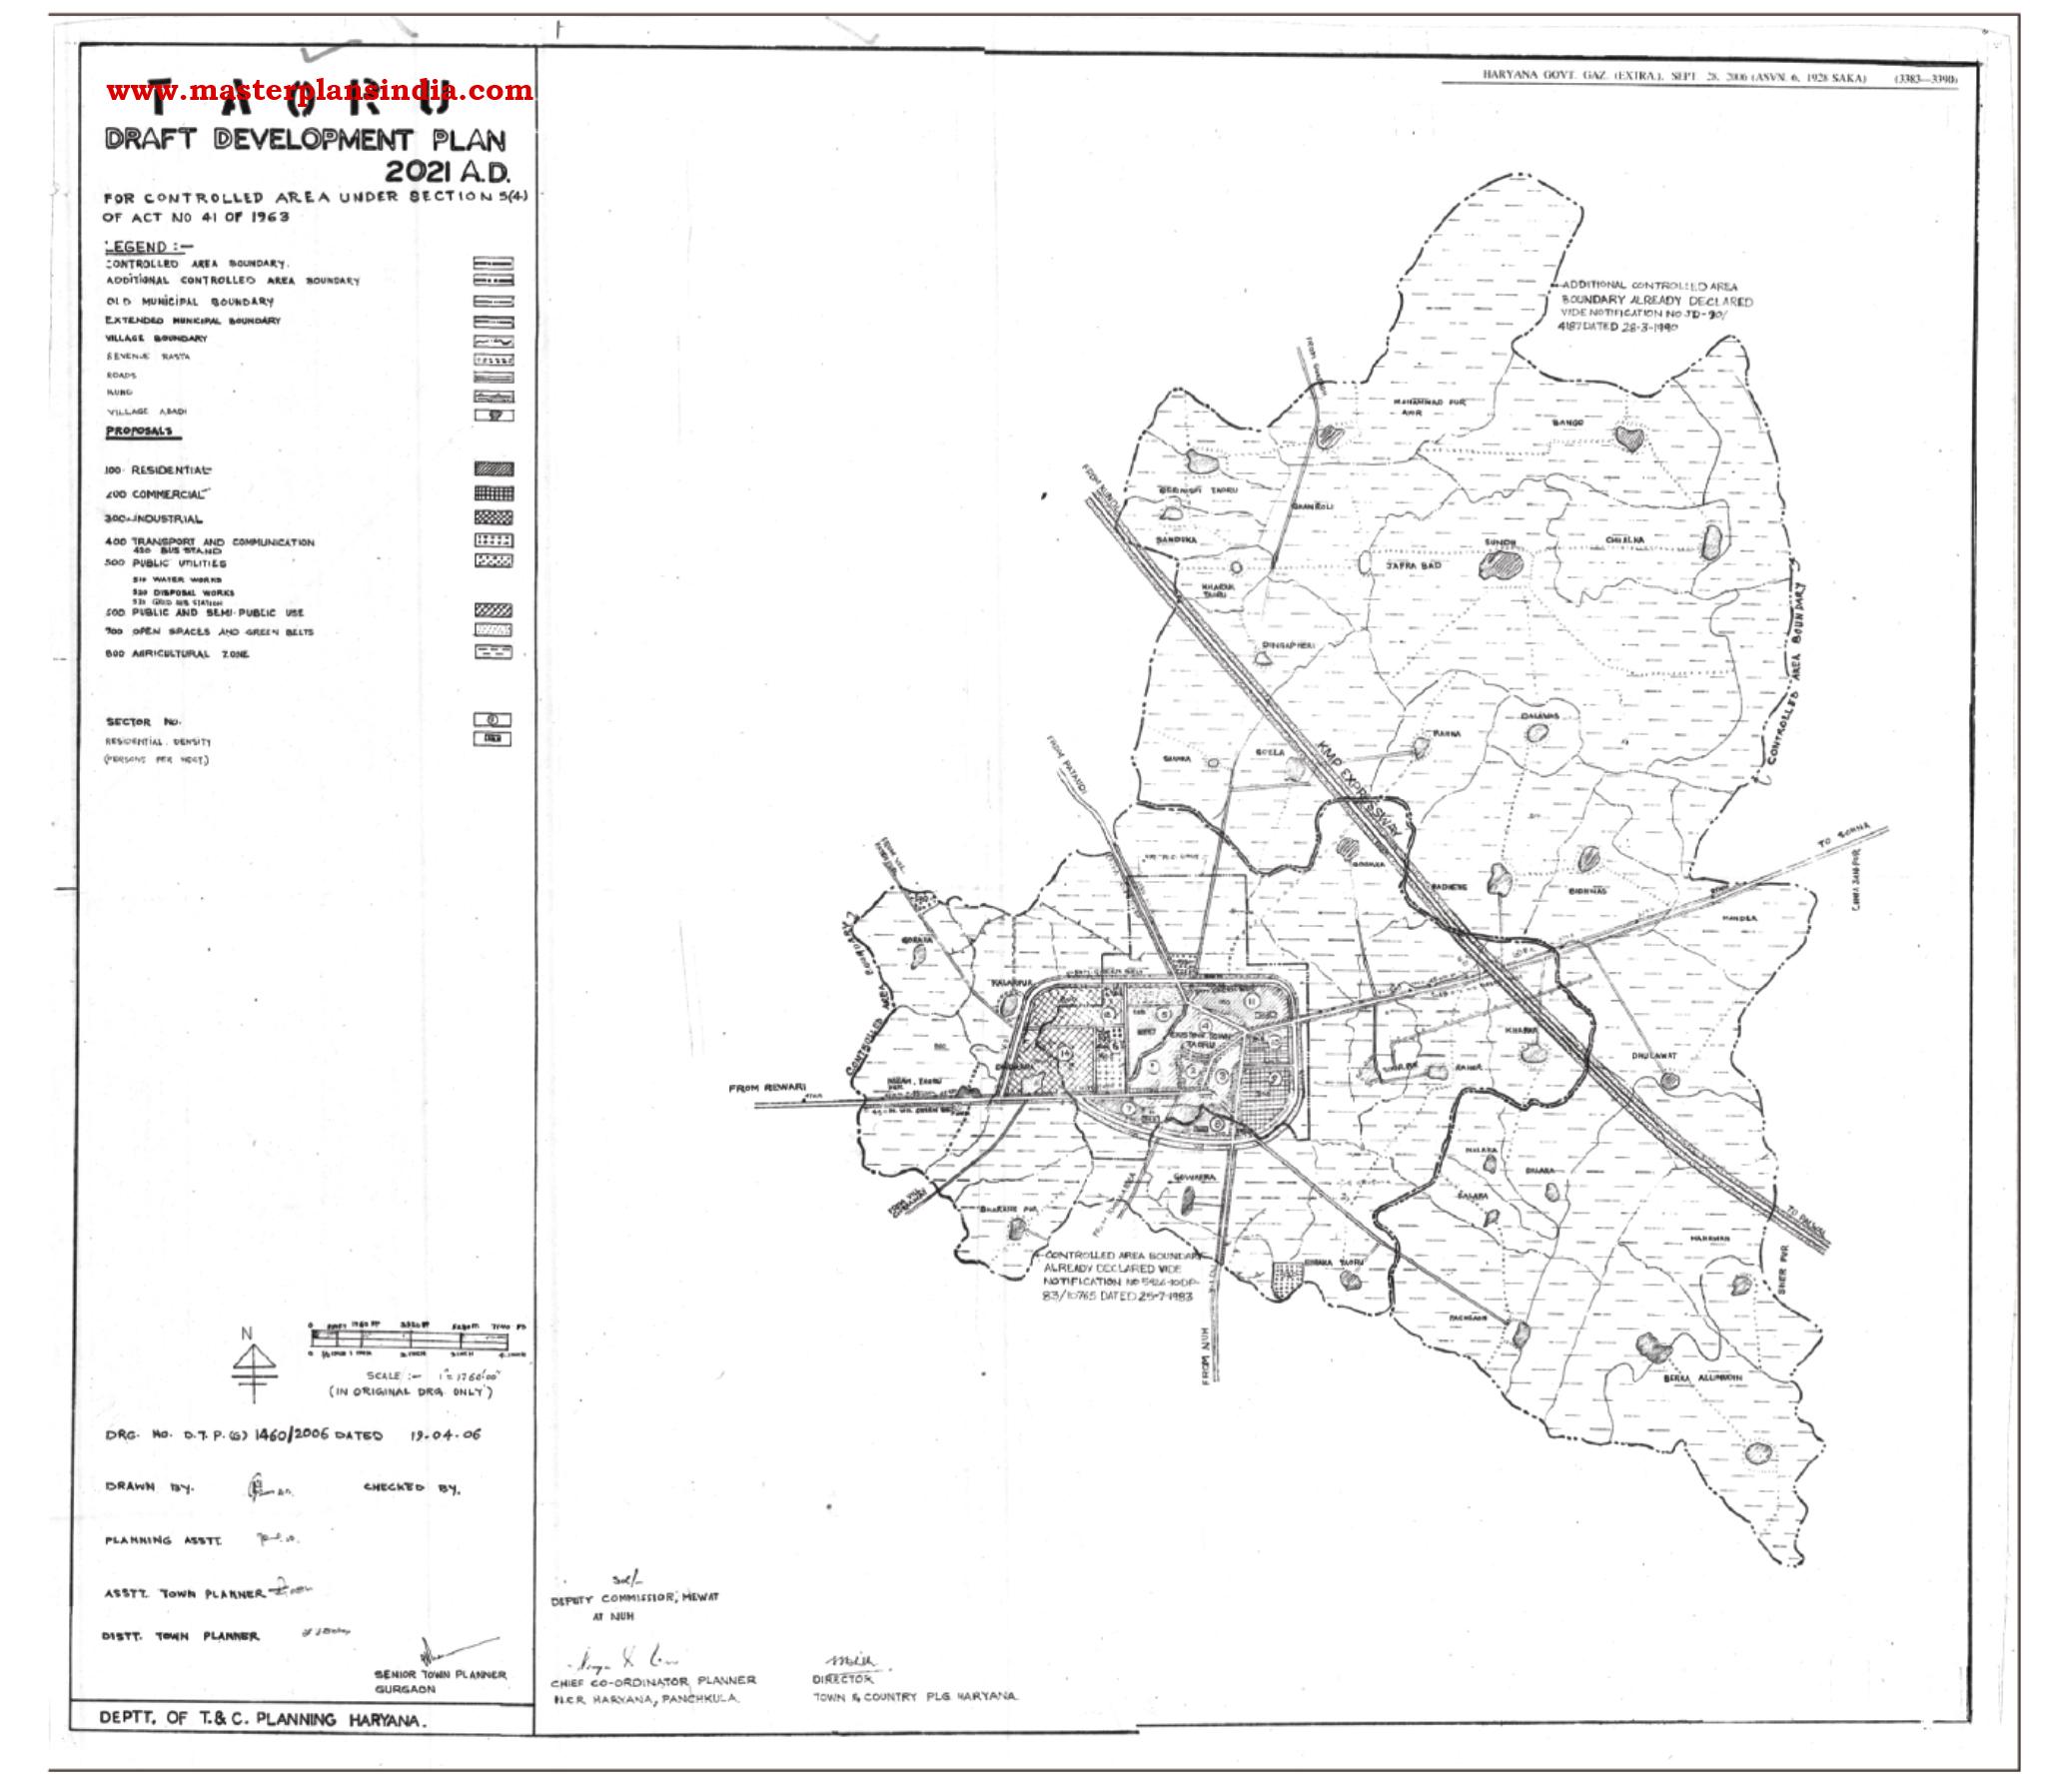 Taoru Master Plan Map Draft Download